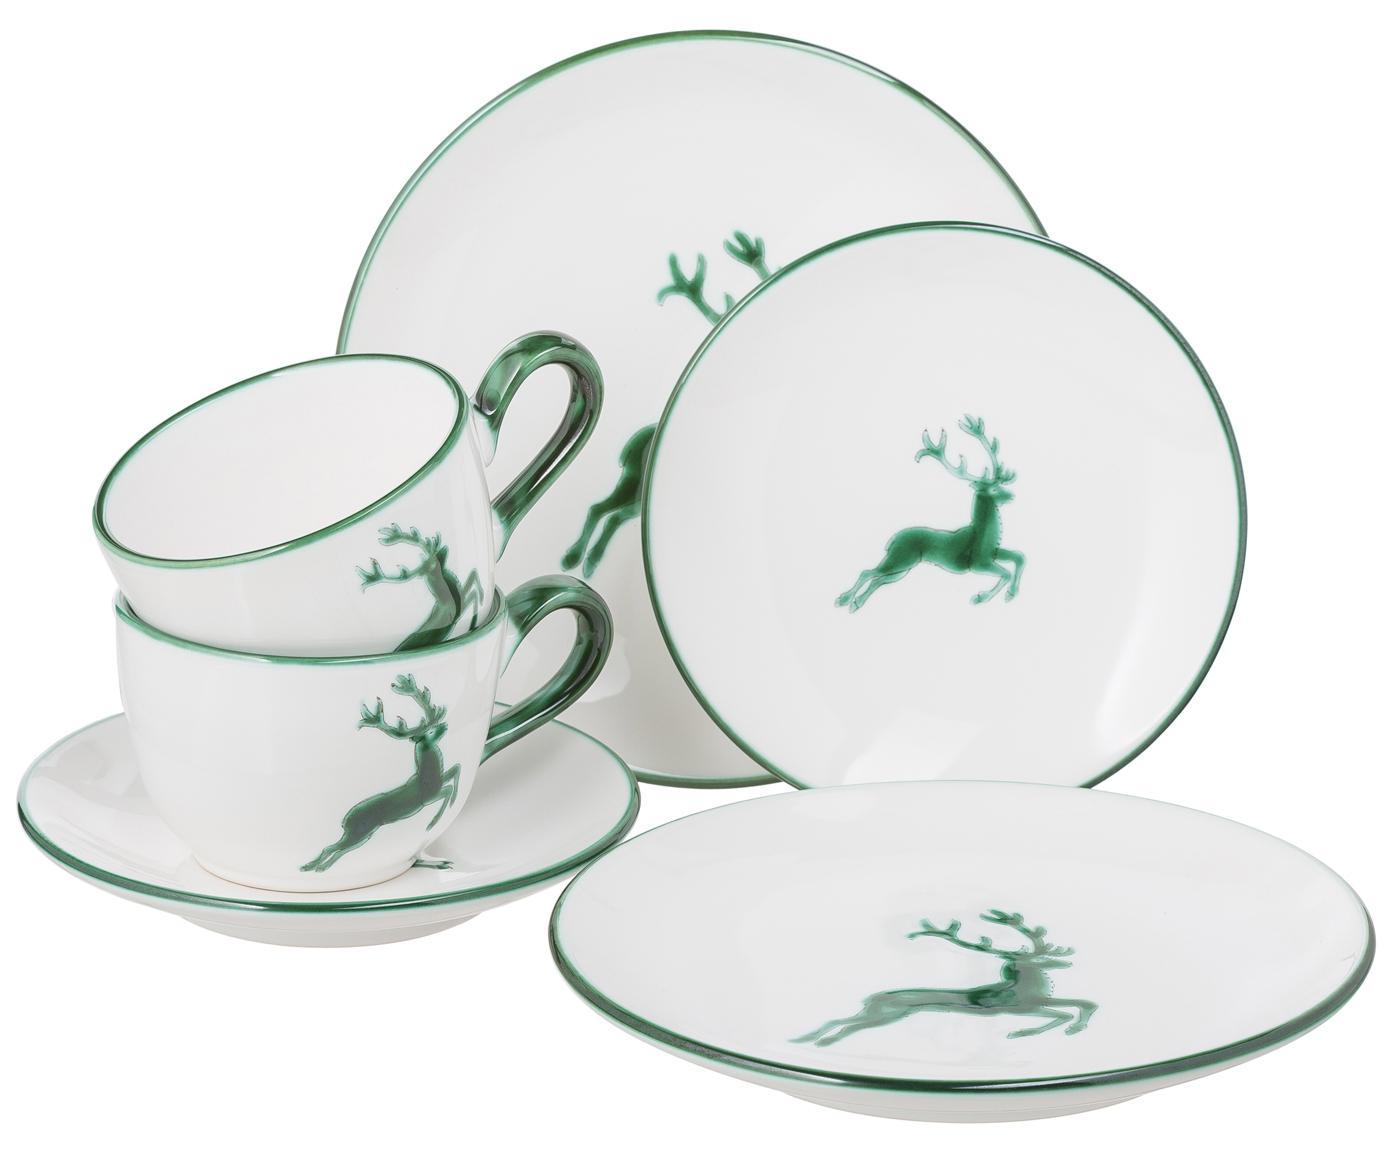 Servizio da caffè dipinto a mano Classic Grüner Hirsch 6 pz, Ceramica, Verde, bianco, Diverse dimensioni